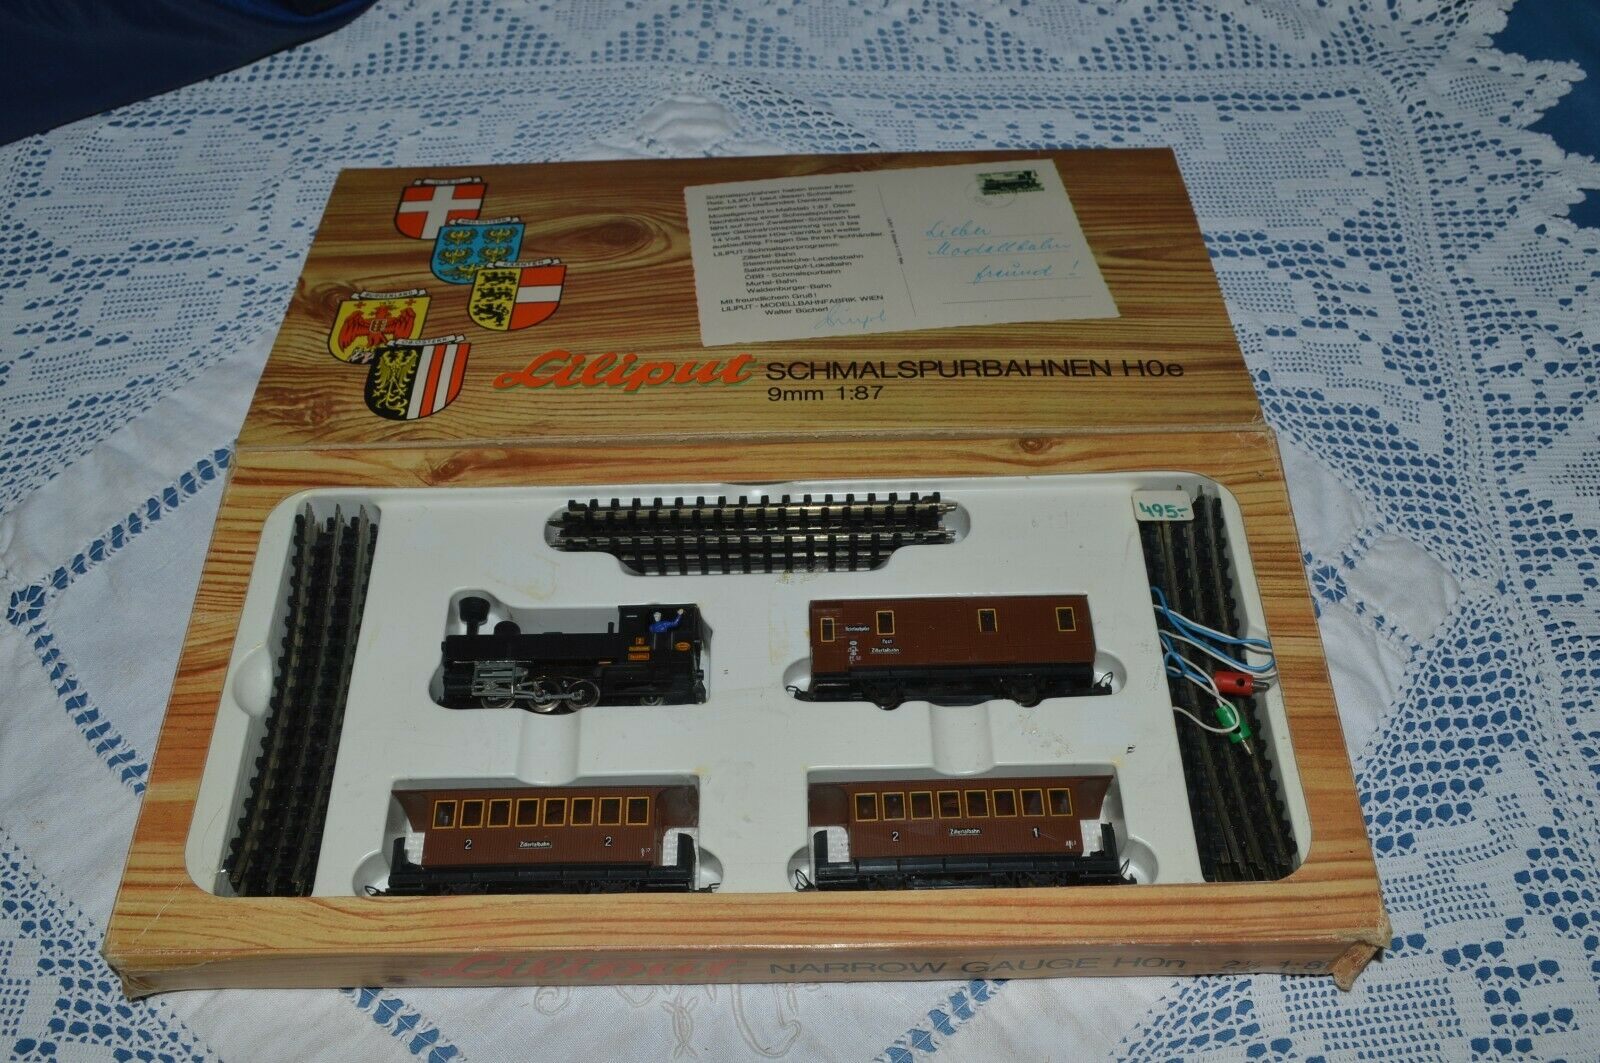 Ataúdes raros. Refacción de de de Railway 7011 en Hoe 9 mm 1  87. 499